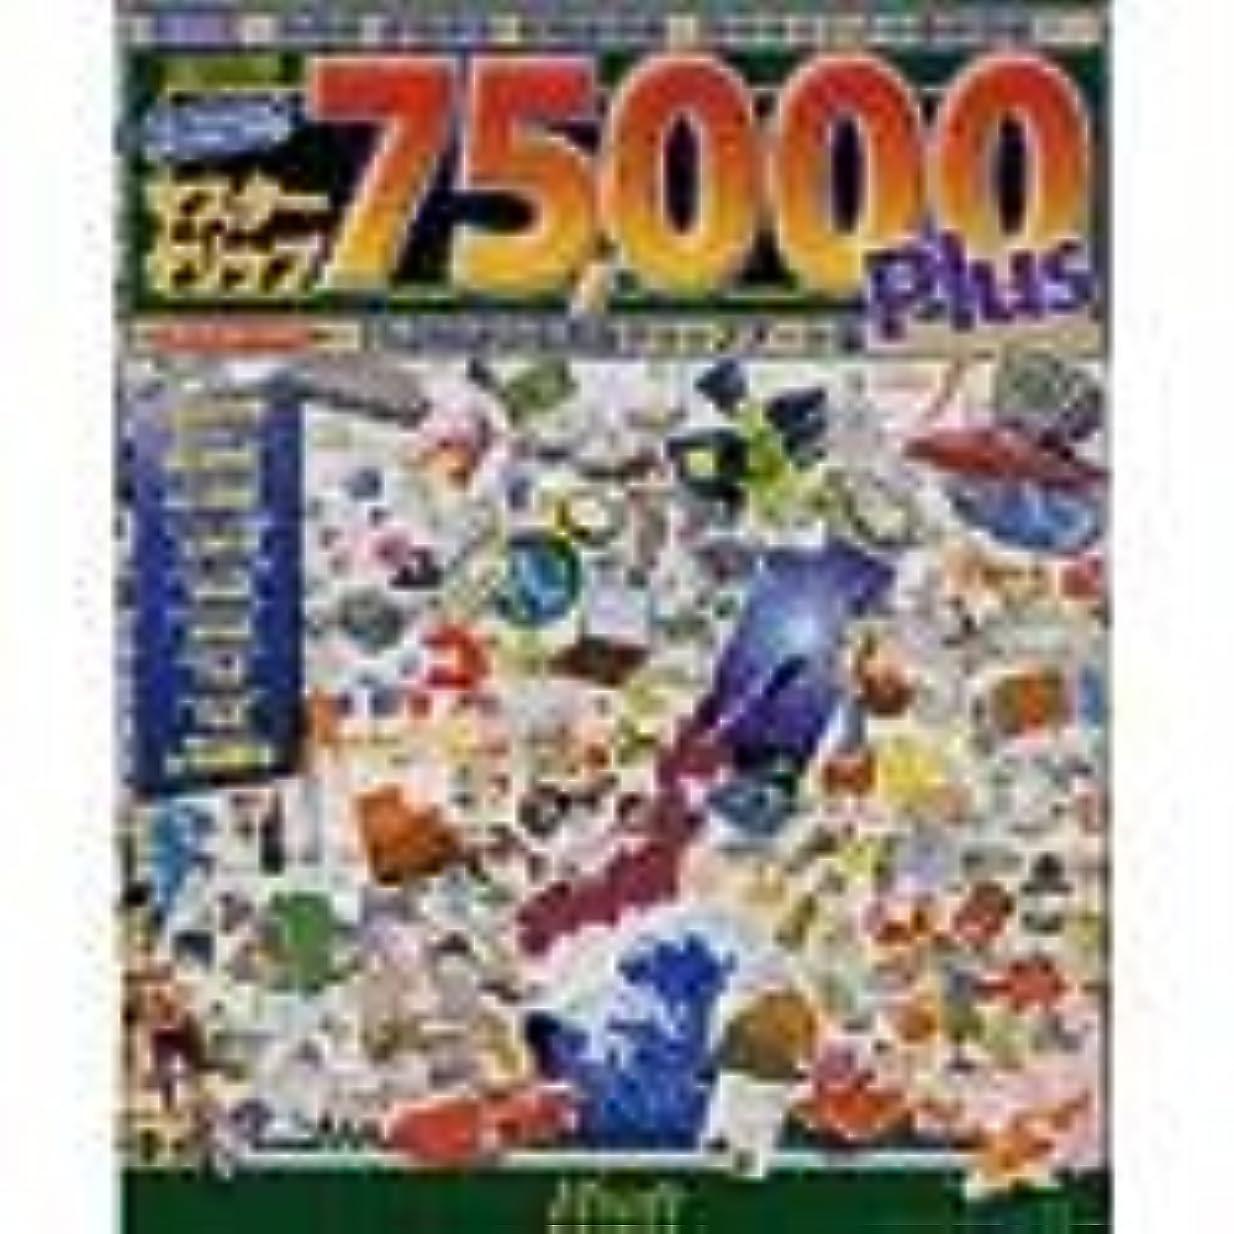 スイッチディンカルビル別れるマスタークリップ 75000 Plus DVD版